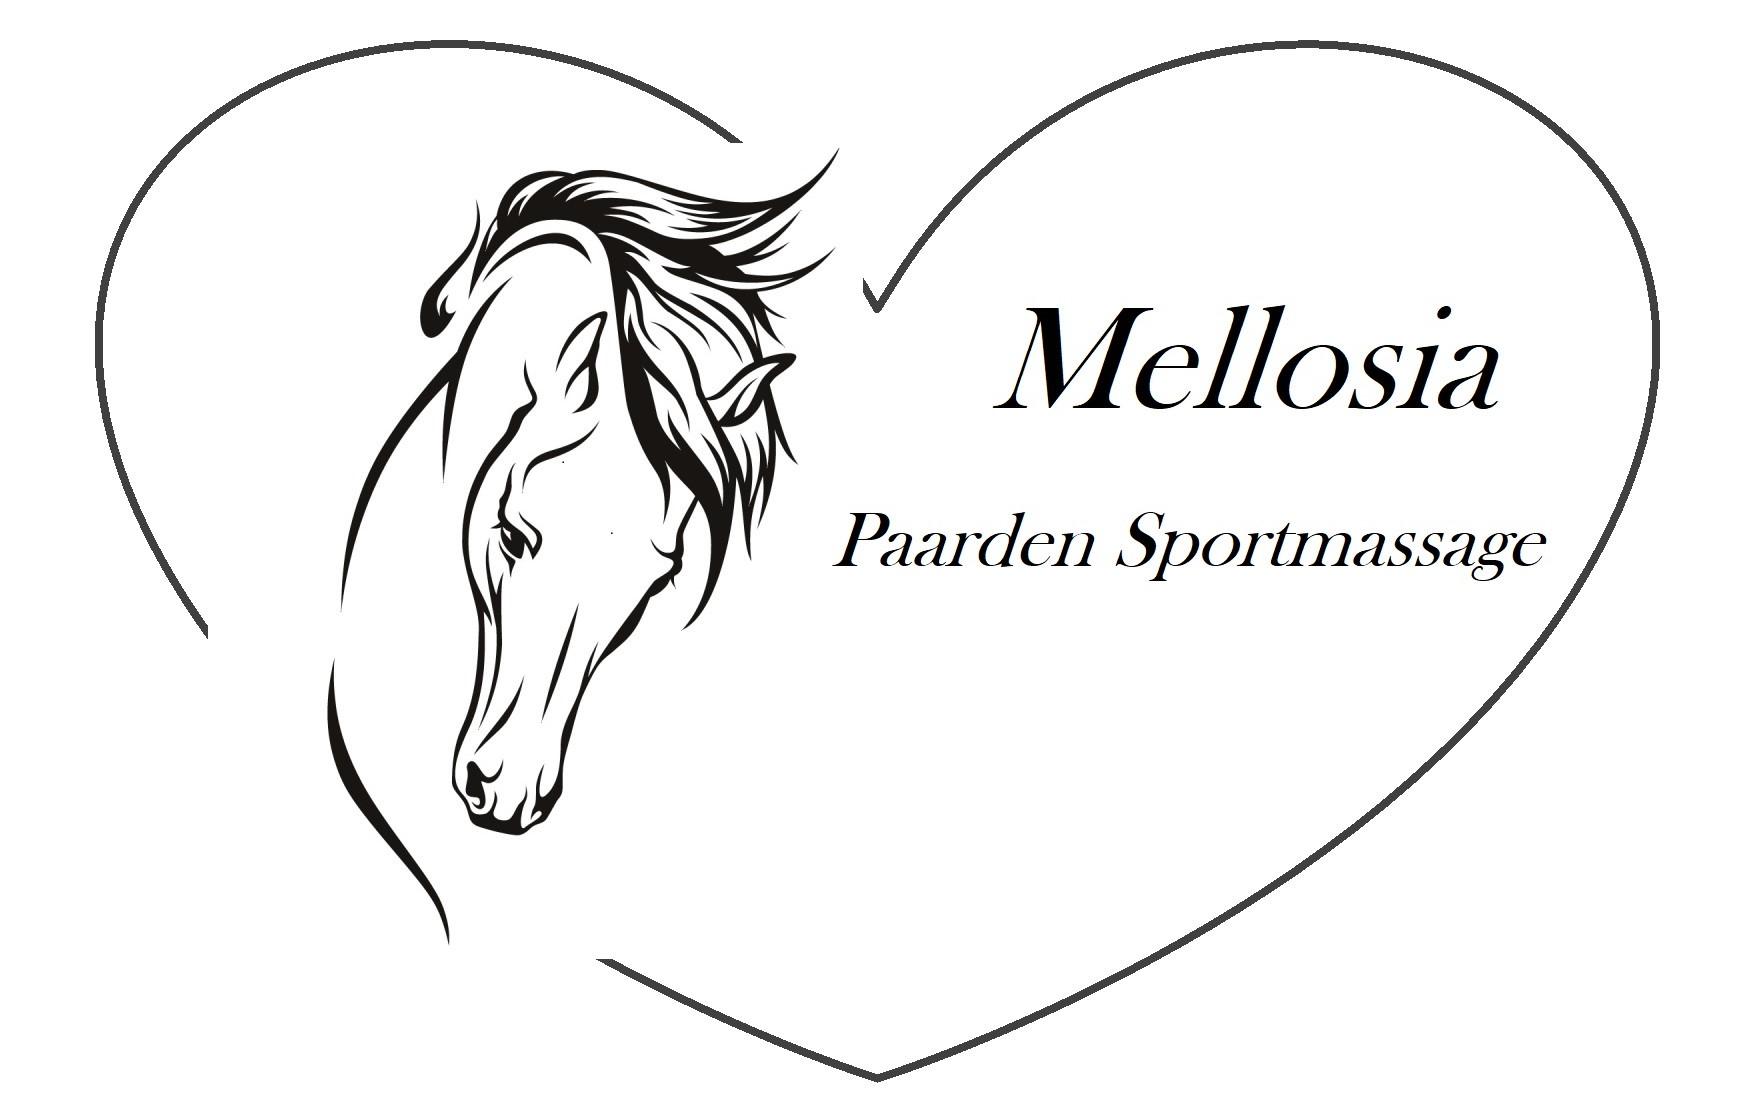 Mellosia Paarden Sportmassage